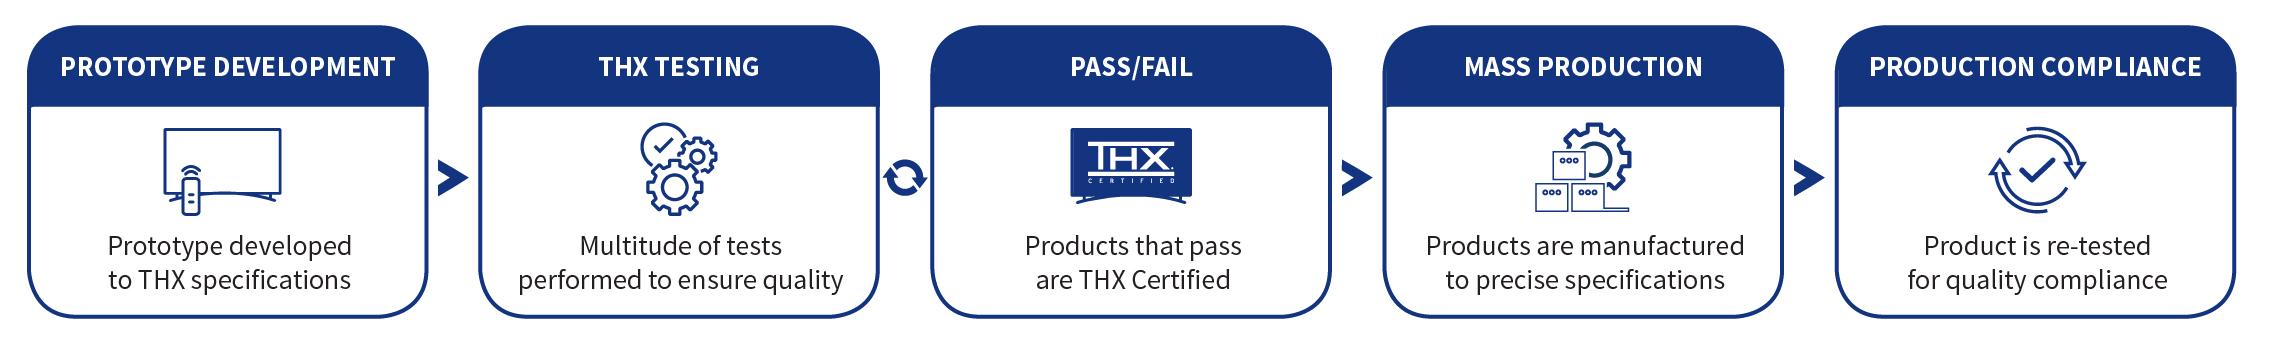 iconography explaining THX Certification